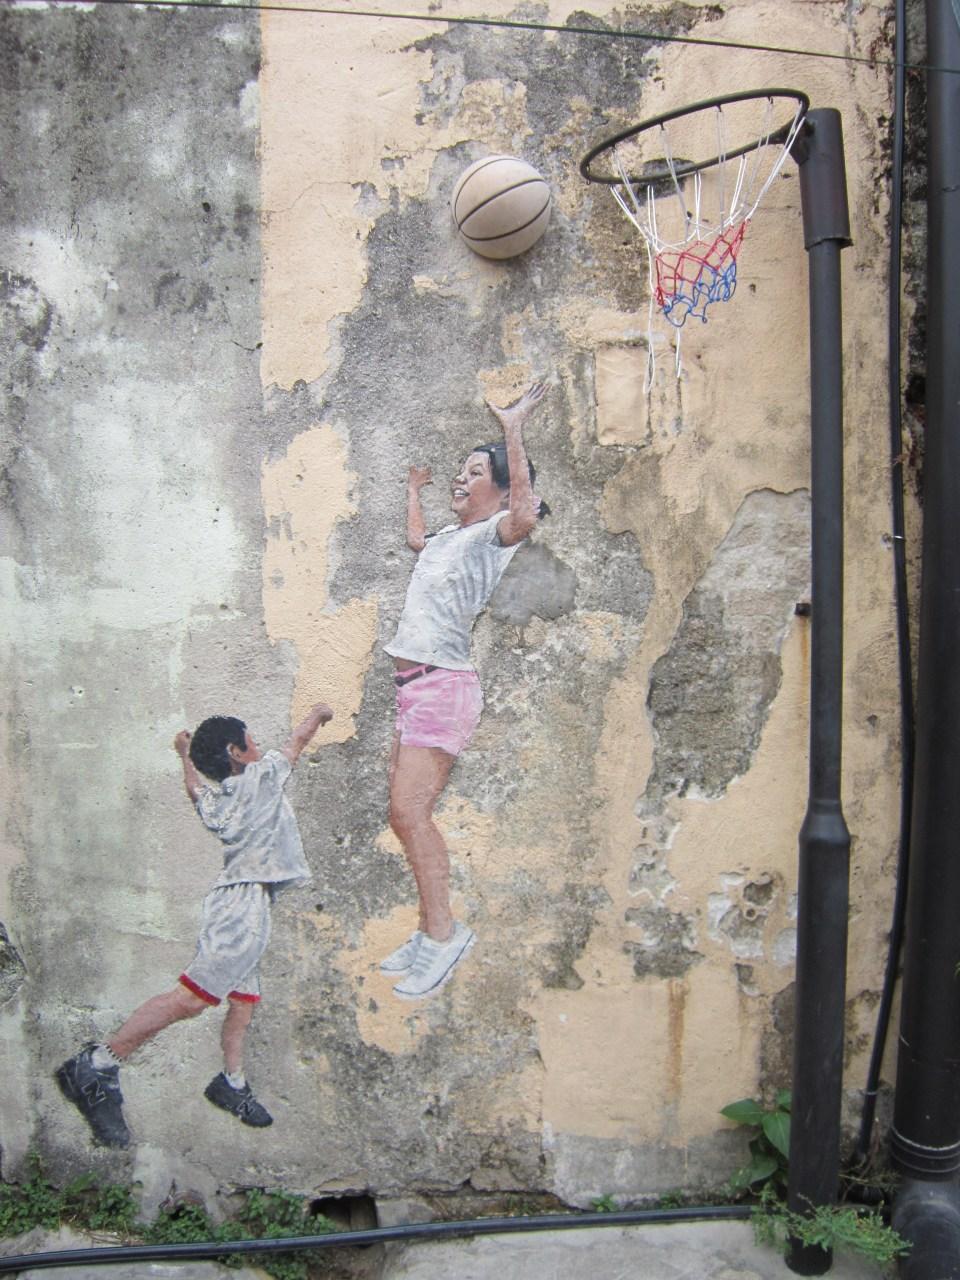 Penang Street Art Children playing Basketball